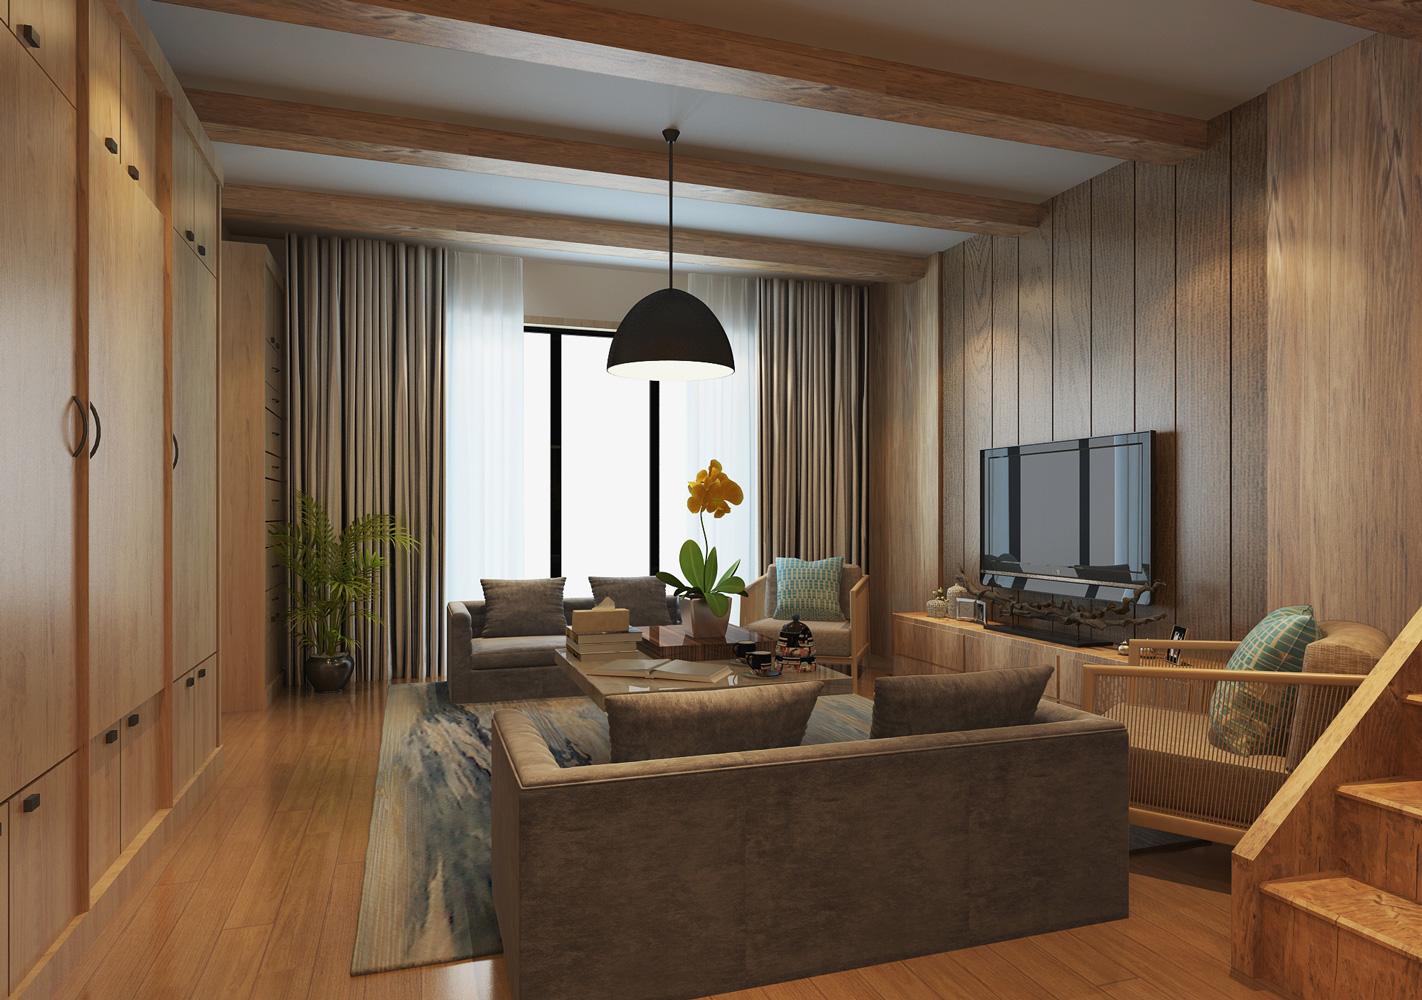 复地香栀花 别墅装修 简美风格 腾龙设计 客厅图片来自腾龙设计在复地香栀花园别墅现代风格设计1的分享